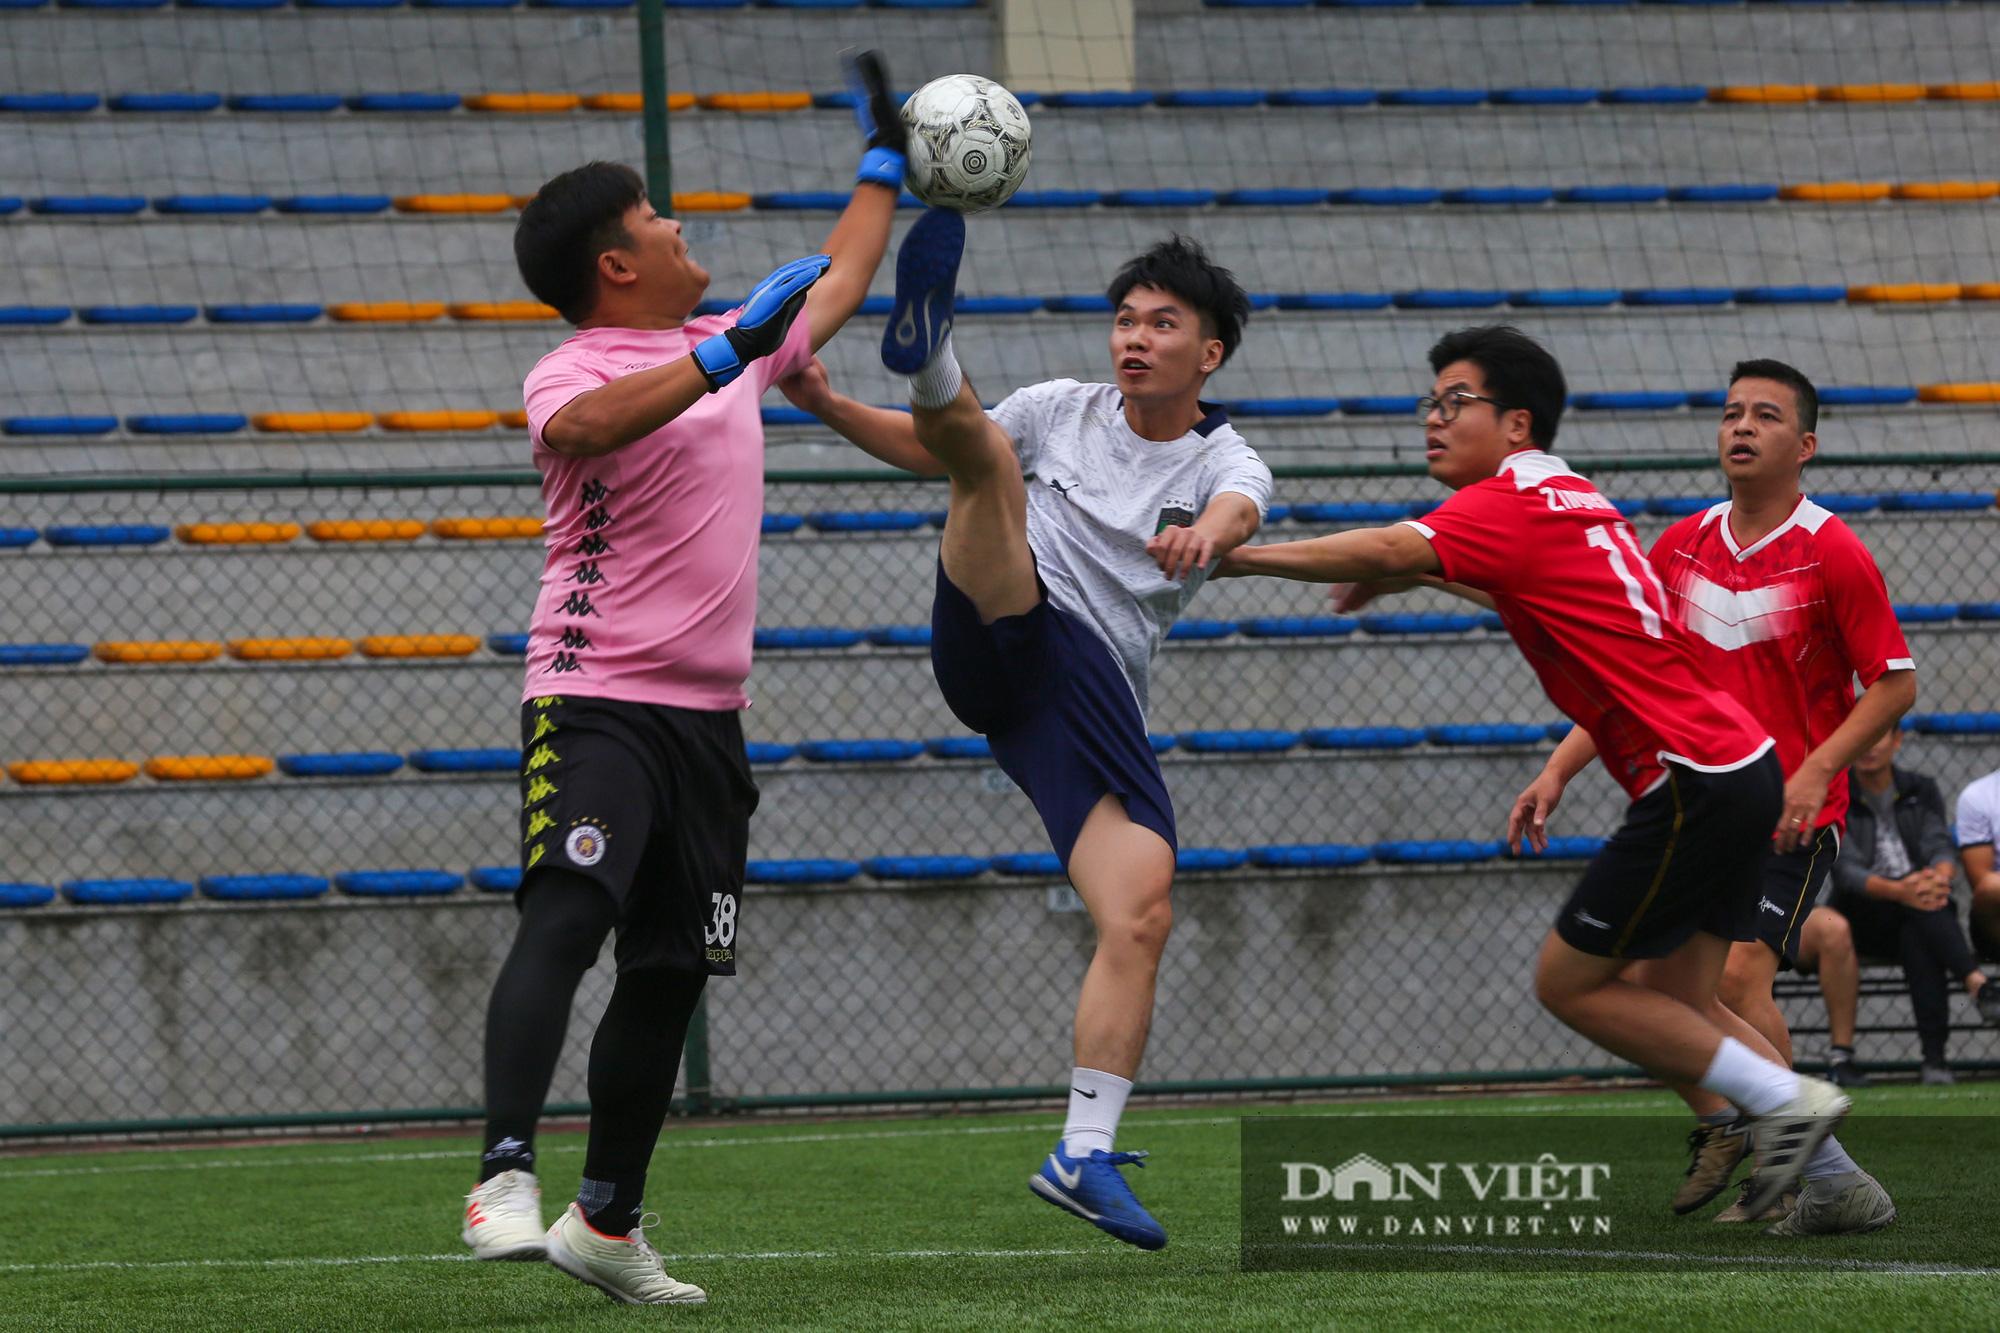 Khoảnh khắc lượt trận cuối cùng vòng bảng giải bóng đá báo NTNN/Dân Việt  - Ảnh 18.